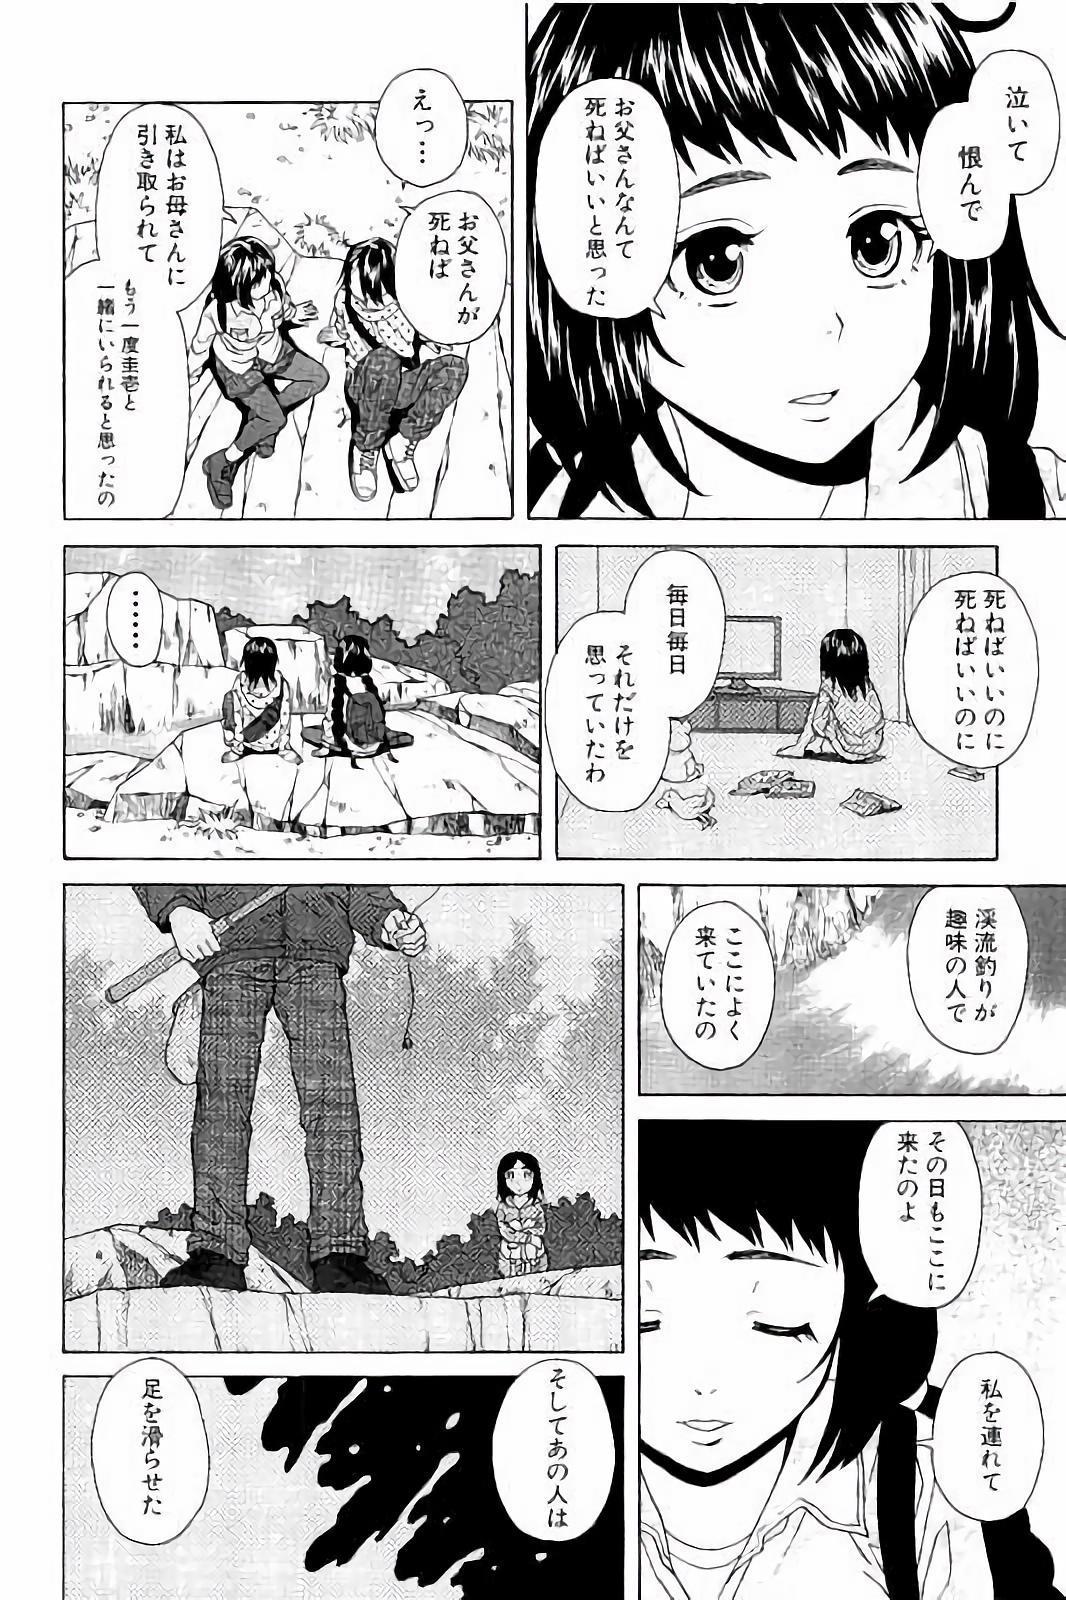 Ane no Himitsu To Boku no Jisatsu 103